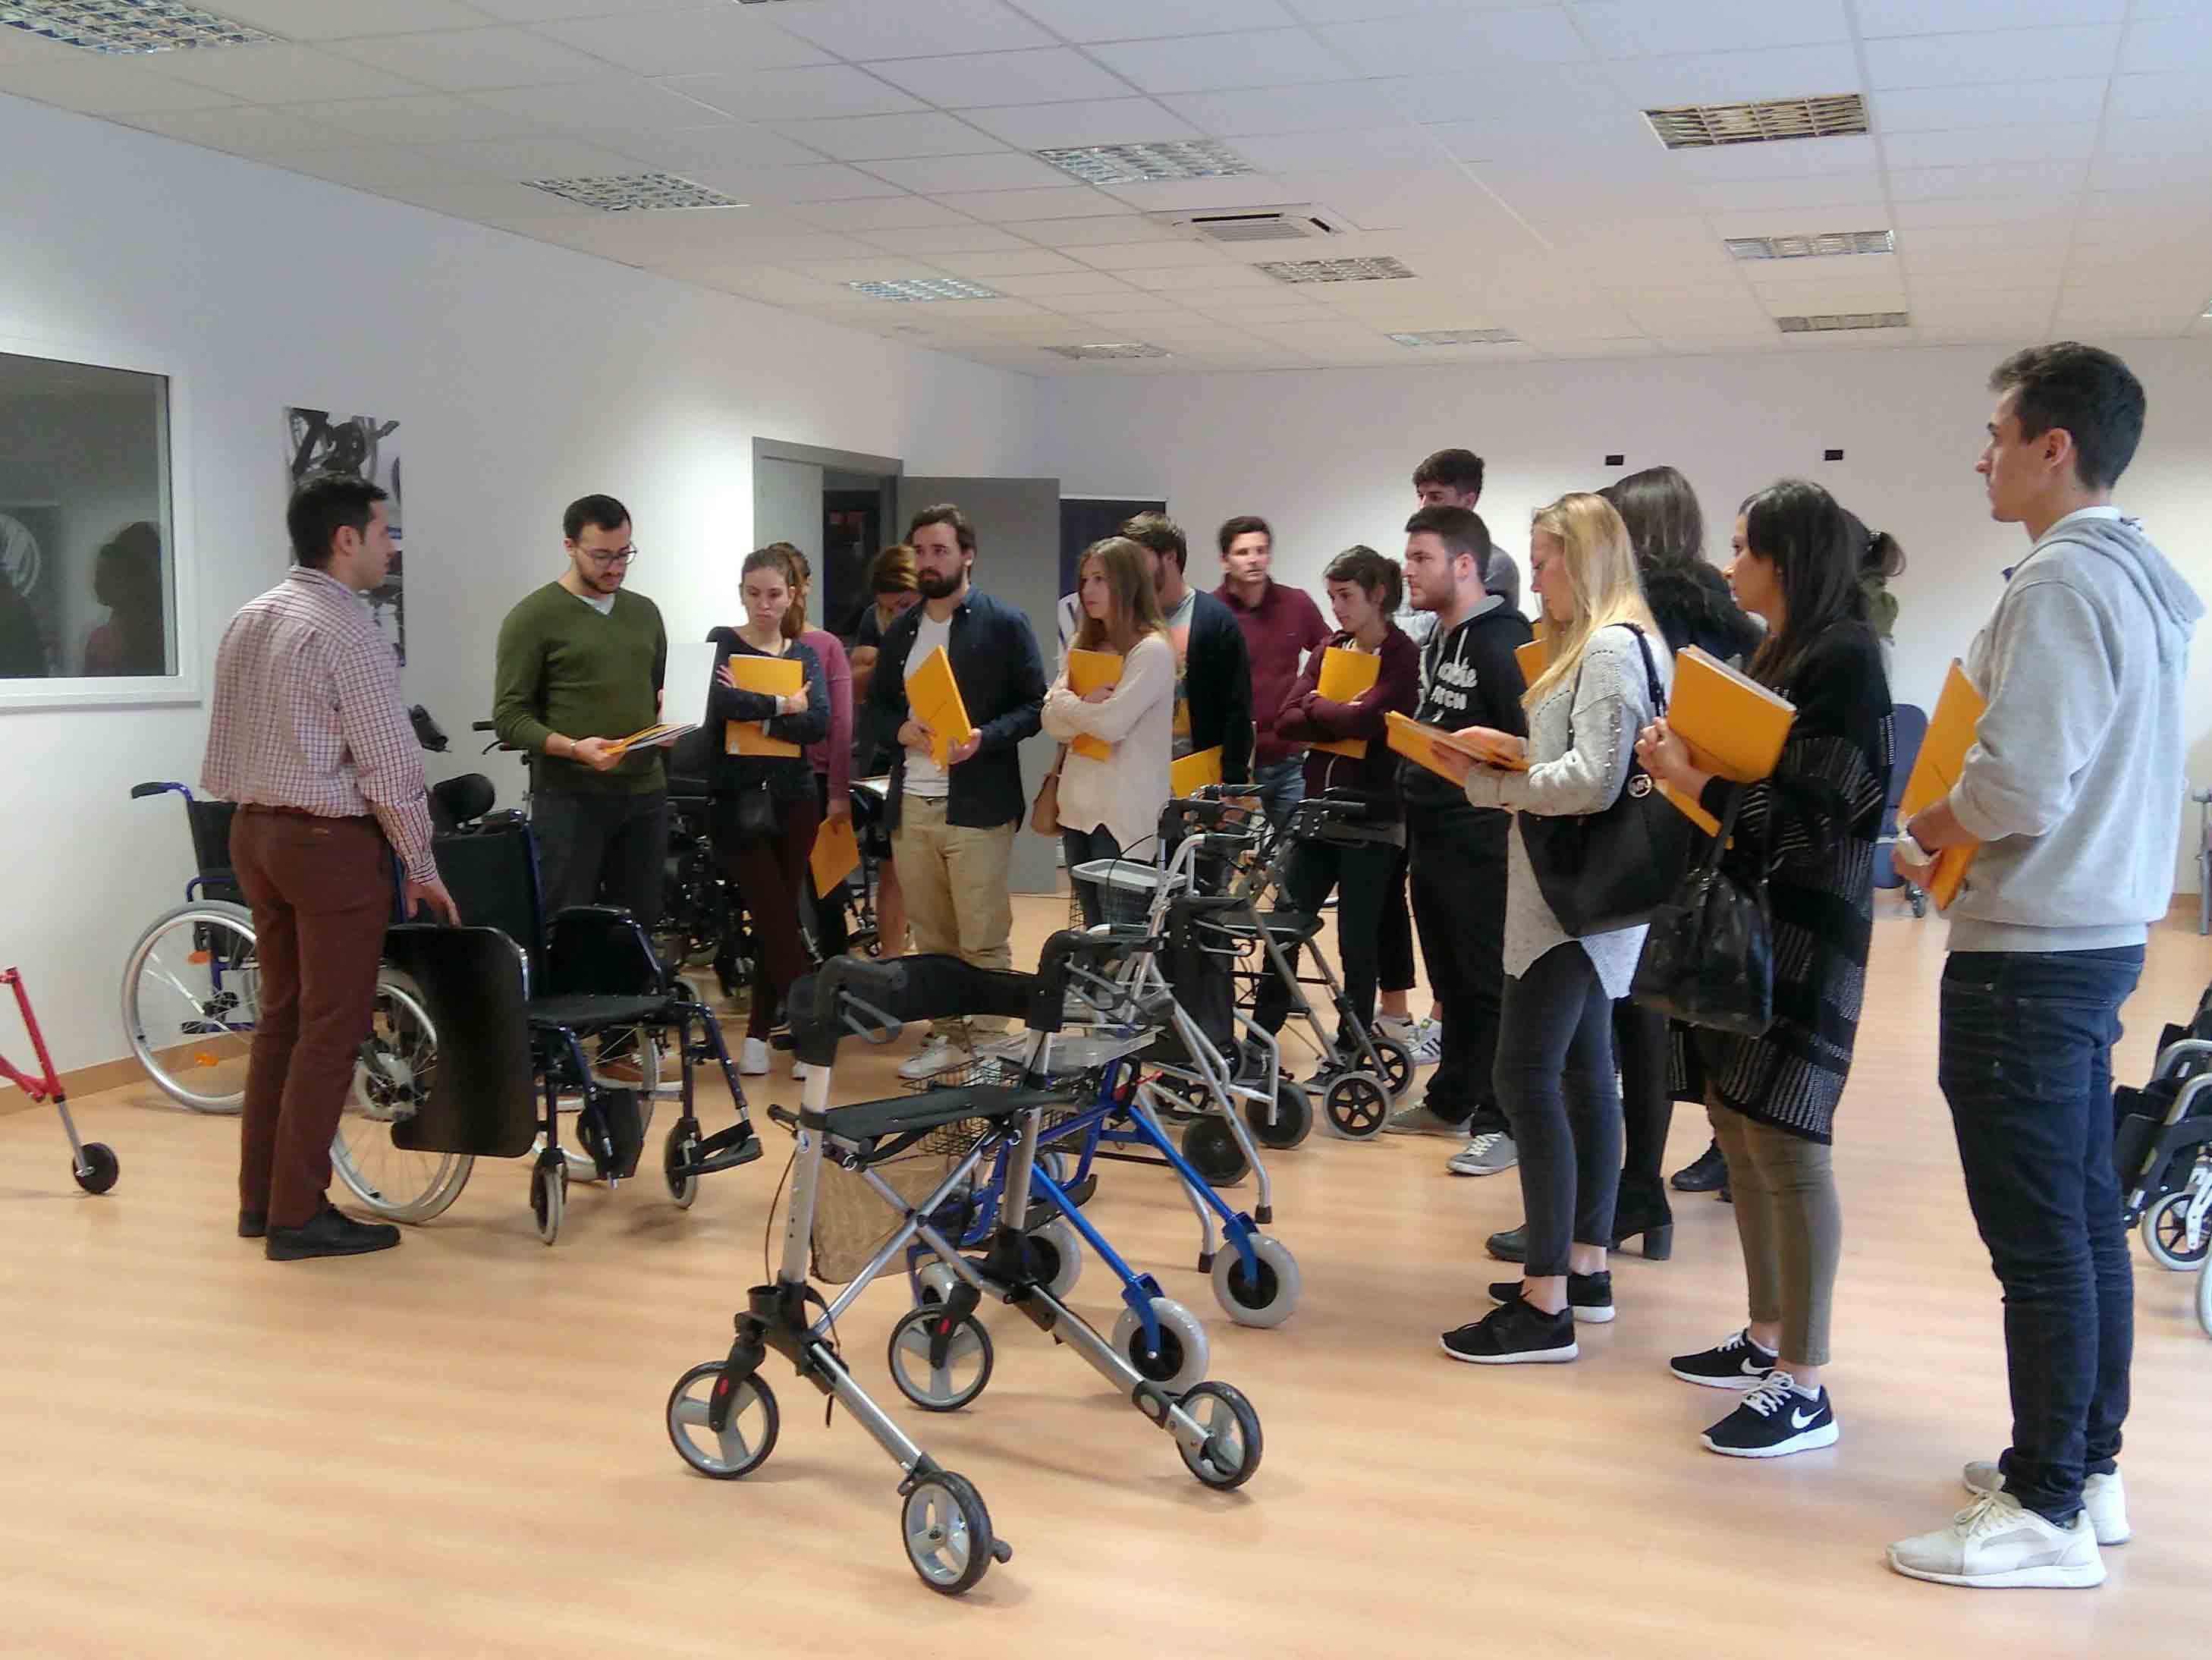 Els alumnes de 4t curs del Grau en Fisioteràpia d'EUSES visiten les instal·lacions de Rehagirona